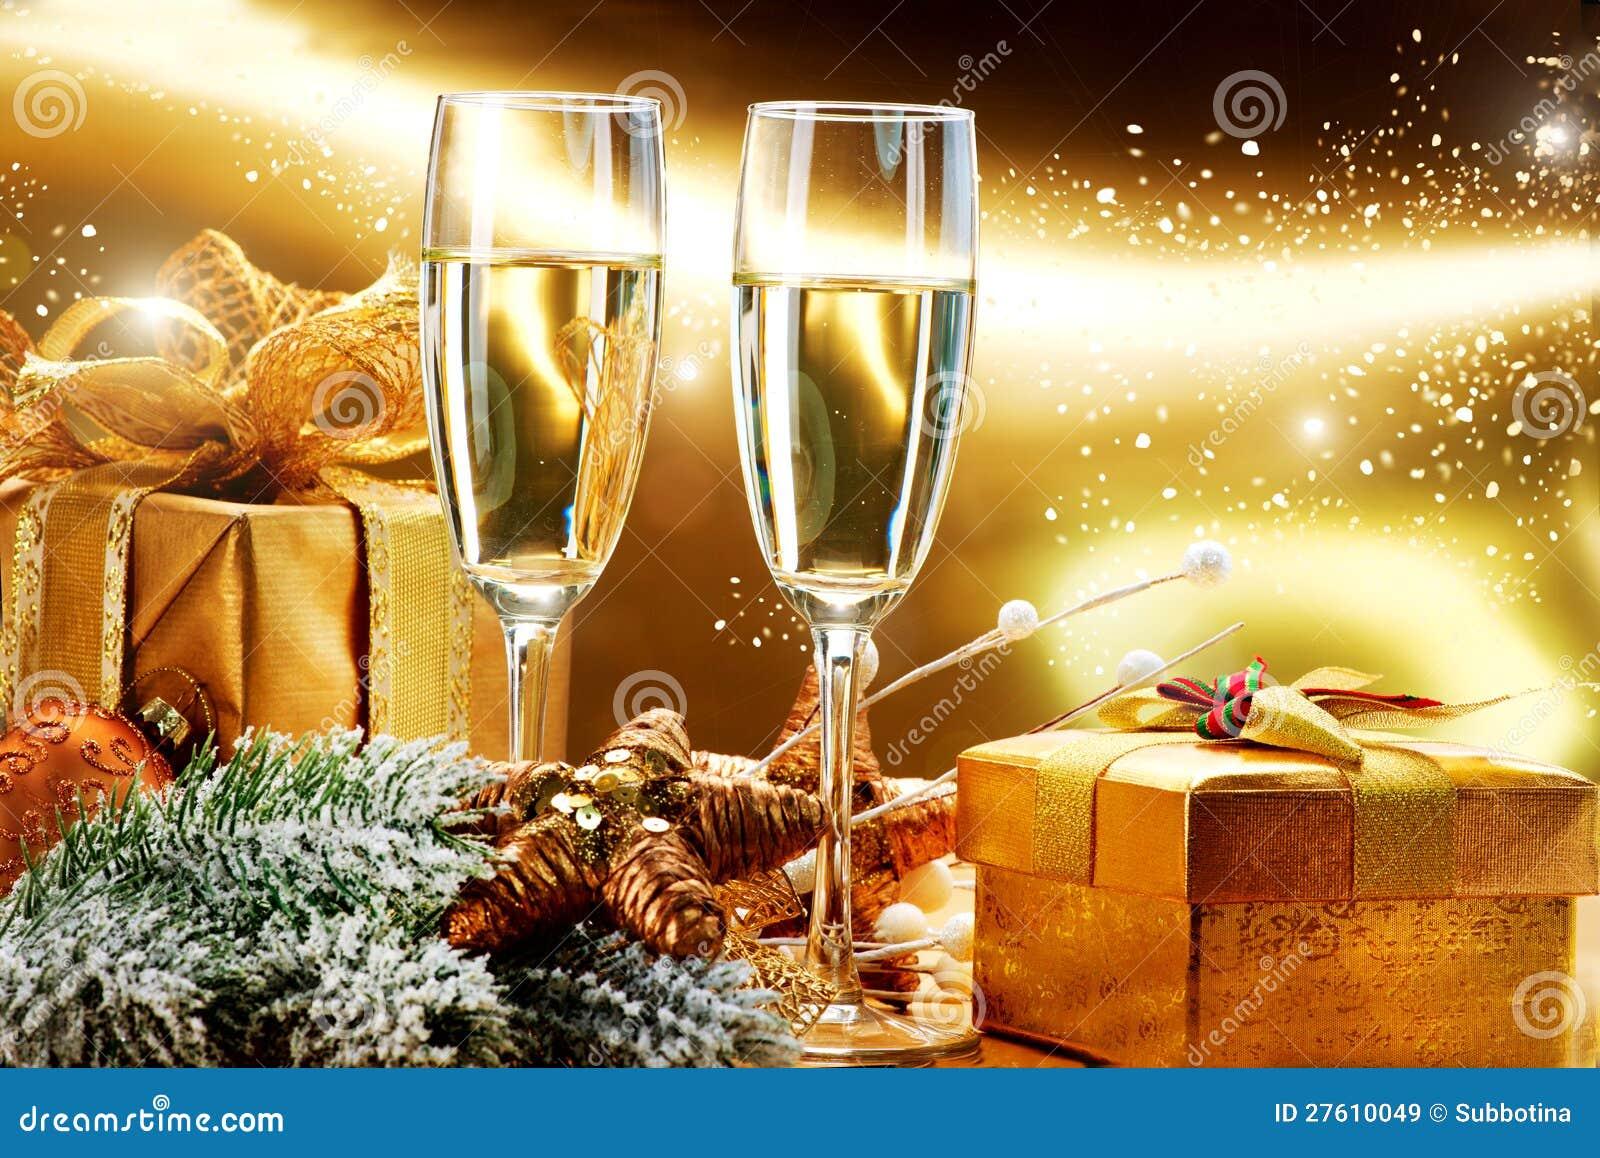 Citaten Kerstmis Nieuwjaar : De viering van het nieuwjaar en kerstmis stock